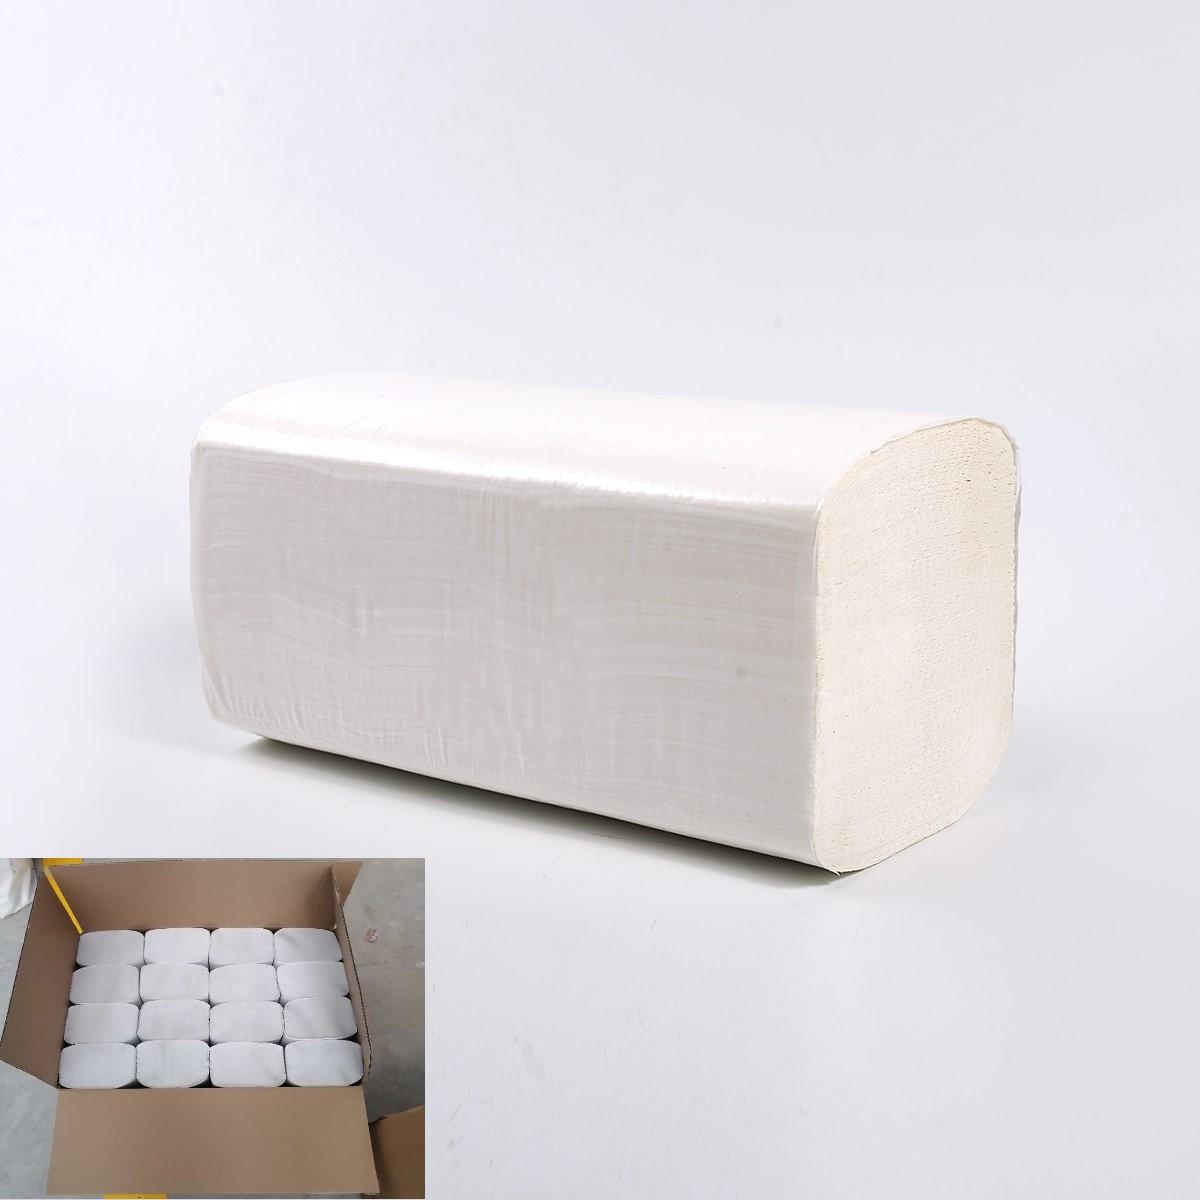 Defacto Papierhandtuch, ZZ-Falz, 24 x 21 cm, 2lag, hochweiß, 3200 Blatt